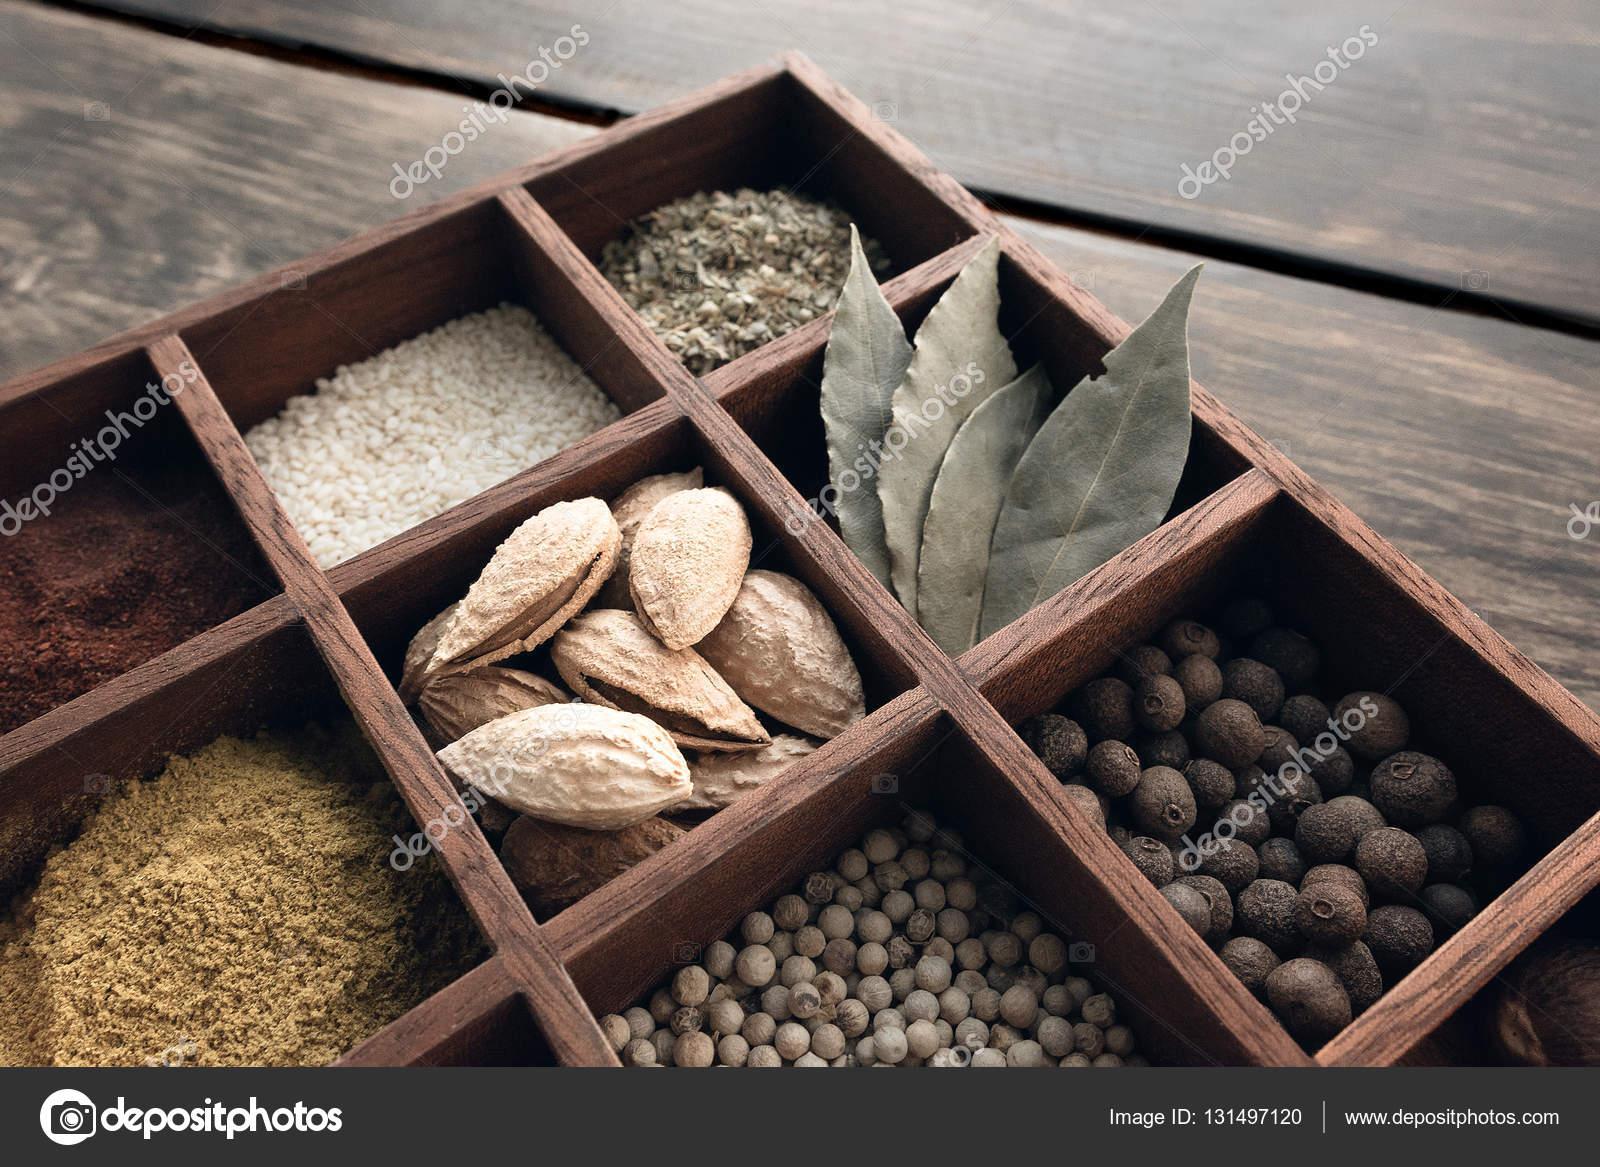 Juego de cocina de especias foto de stock jacklessoutlook condimentos en una bandeja de la caoba africana foto de jacklessoutlook thecheapjerseys Choice Image